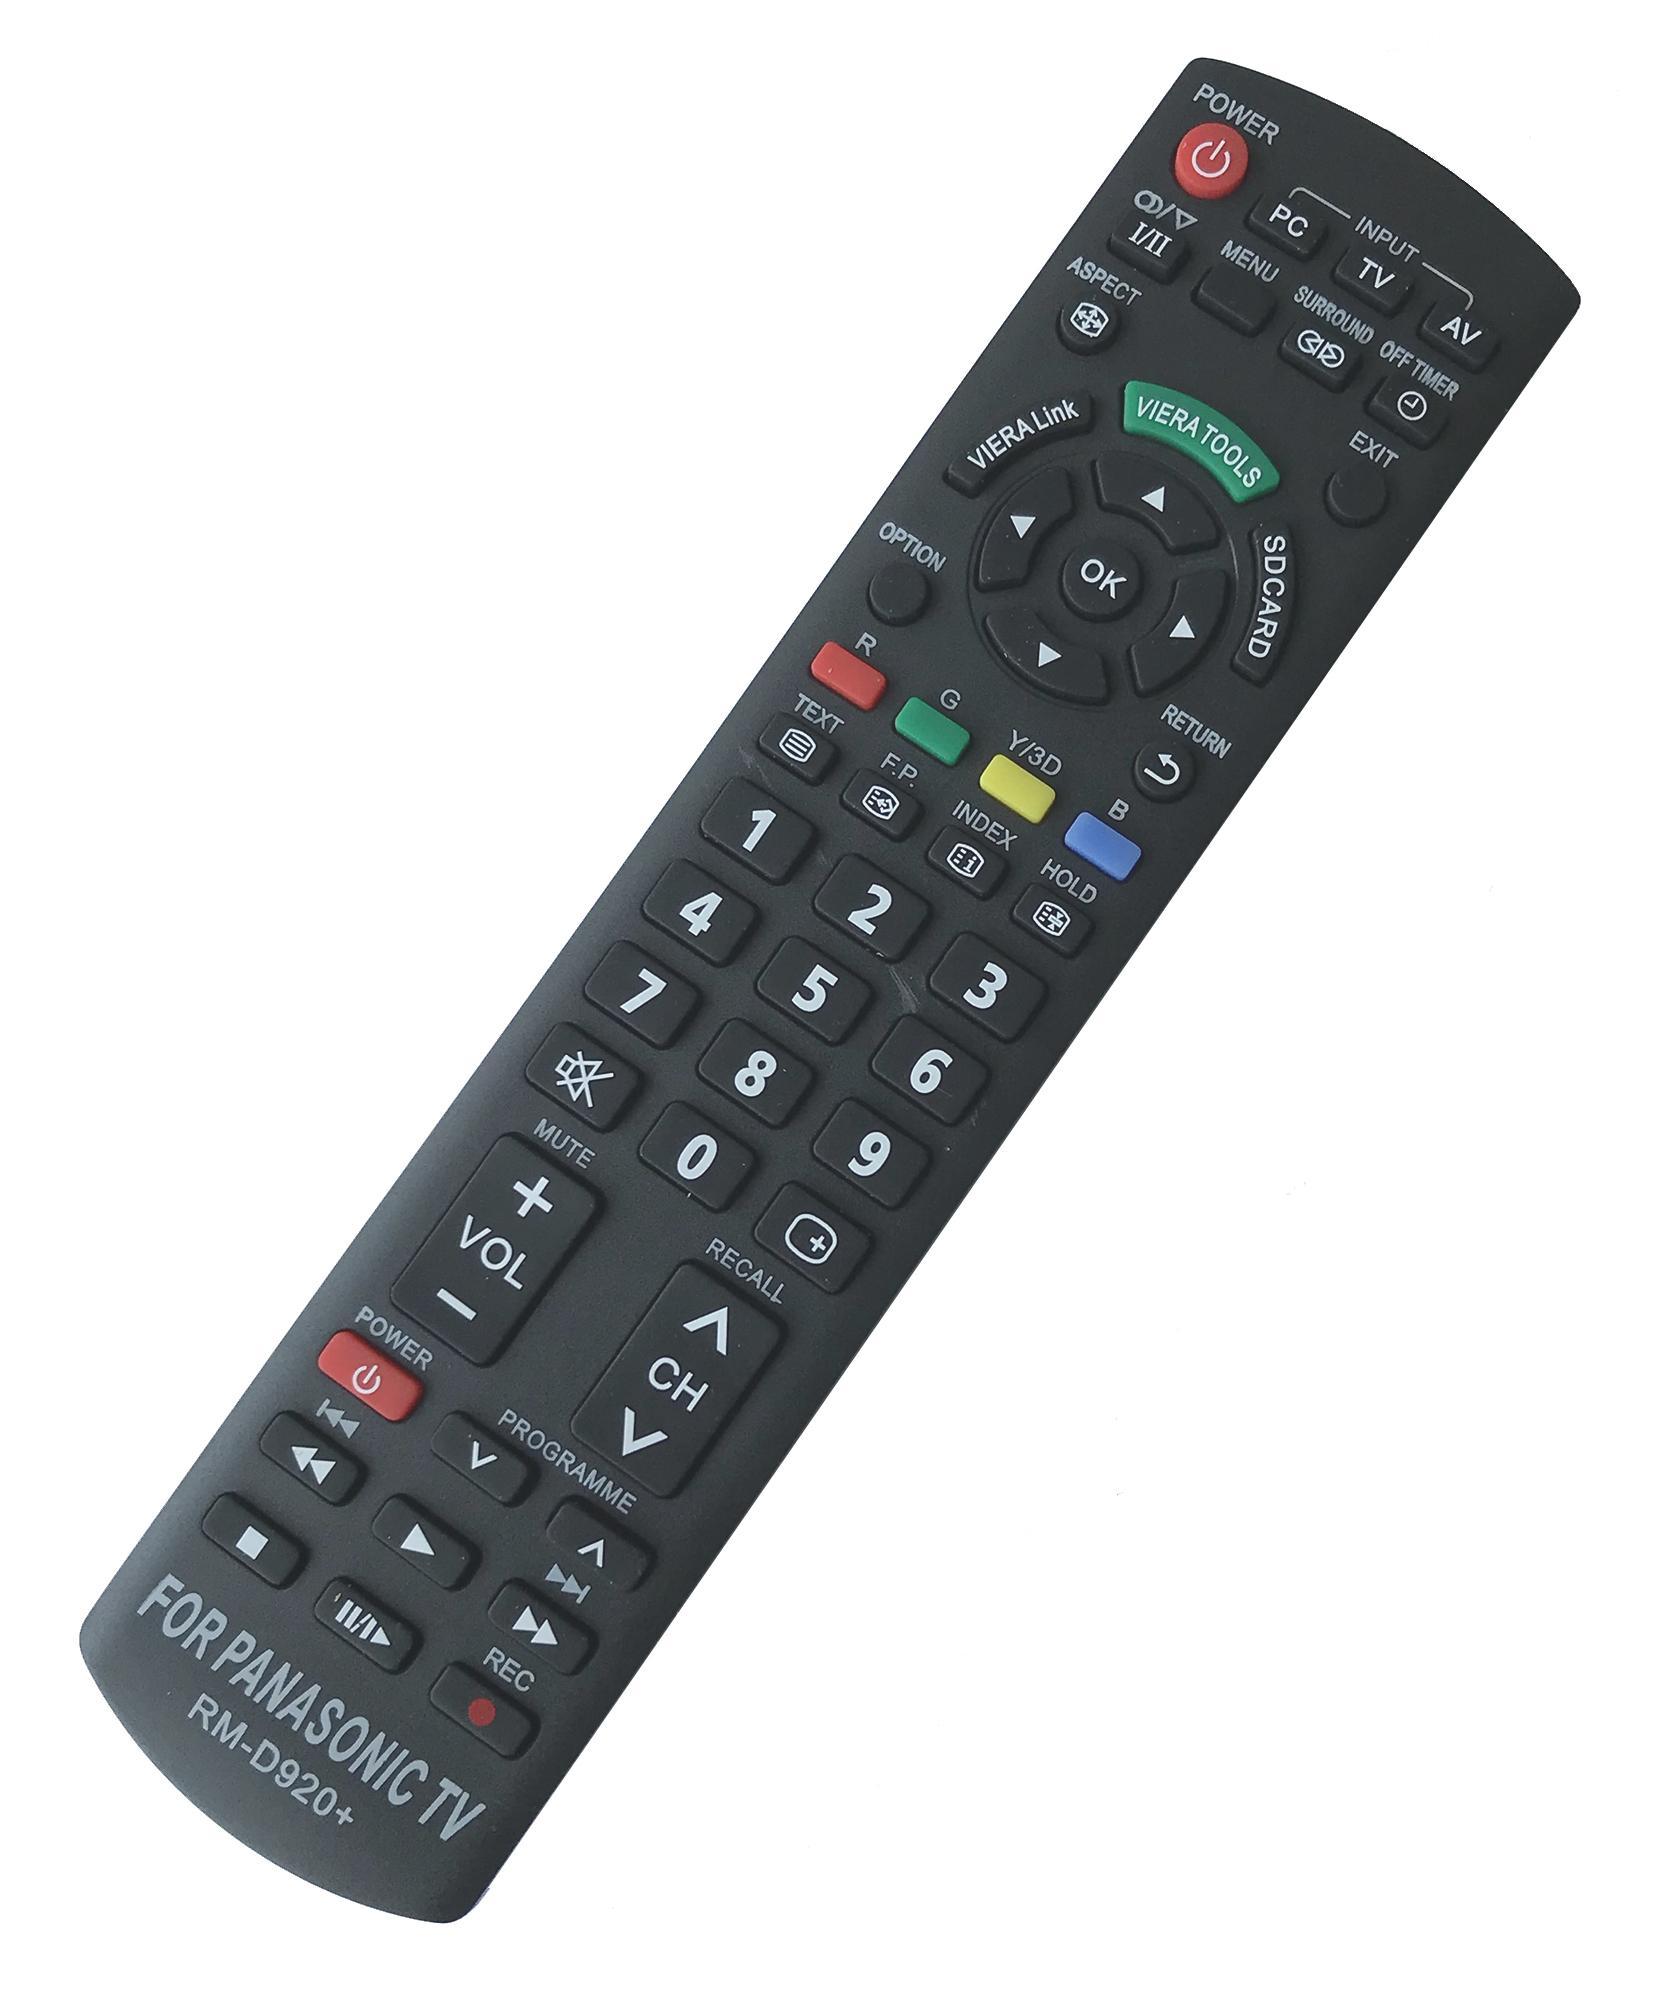 Bảng giá Điều Khiển TV PANASONIC Đa Năng RM-D920 - Dùng cho các dòng TV LCD/LED PANASONIC